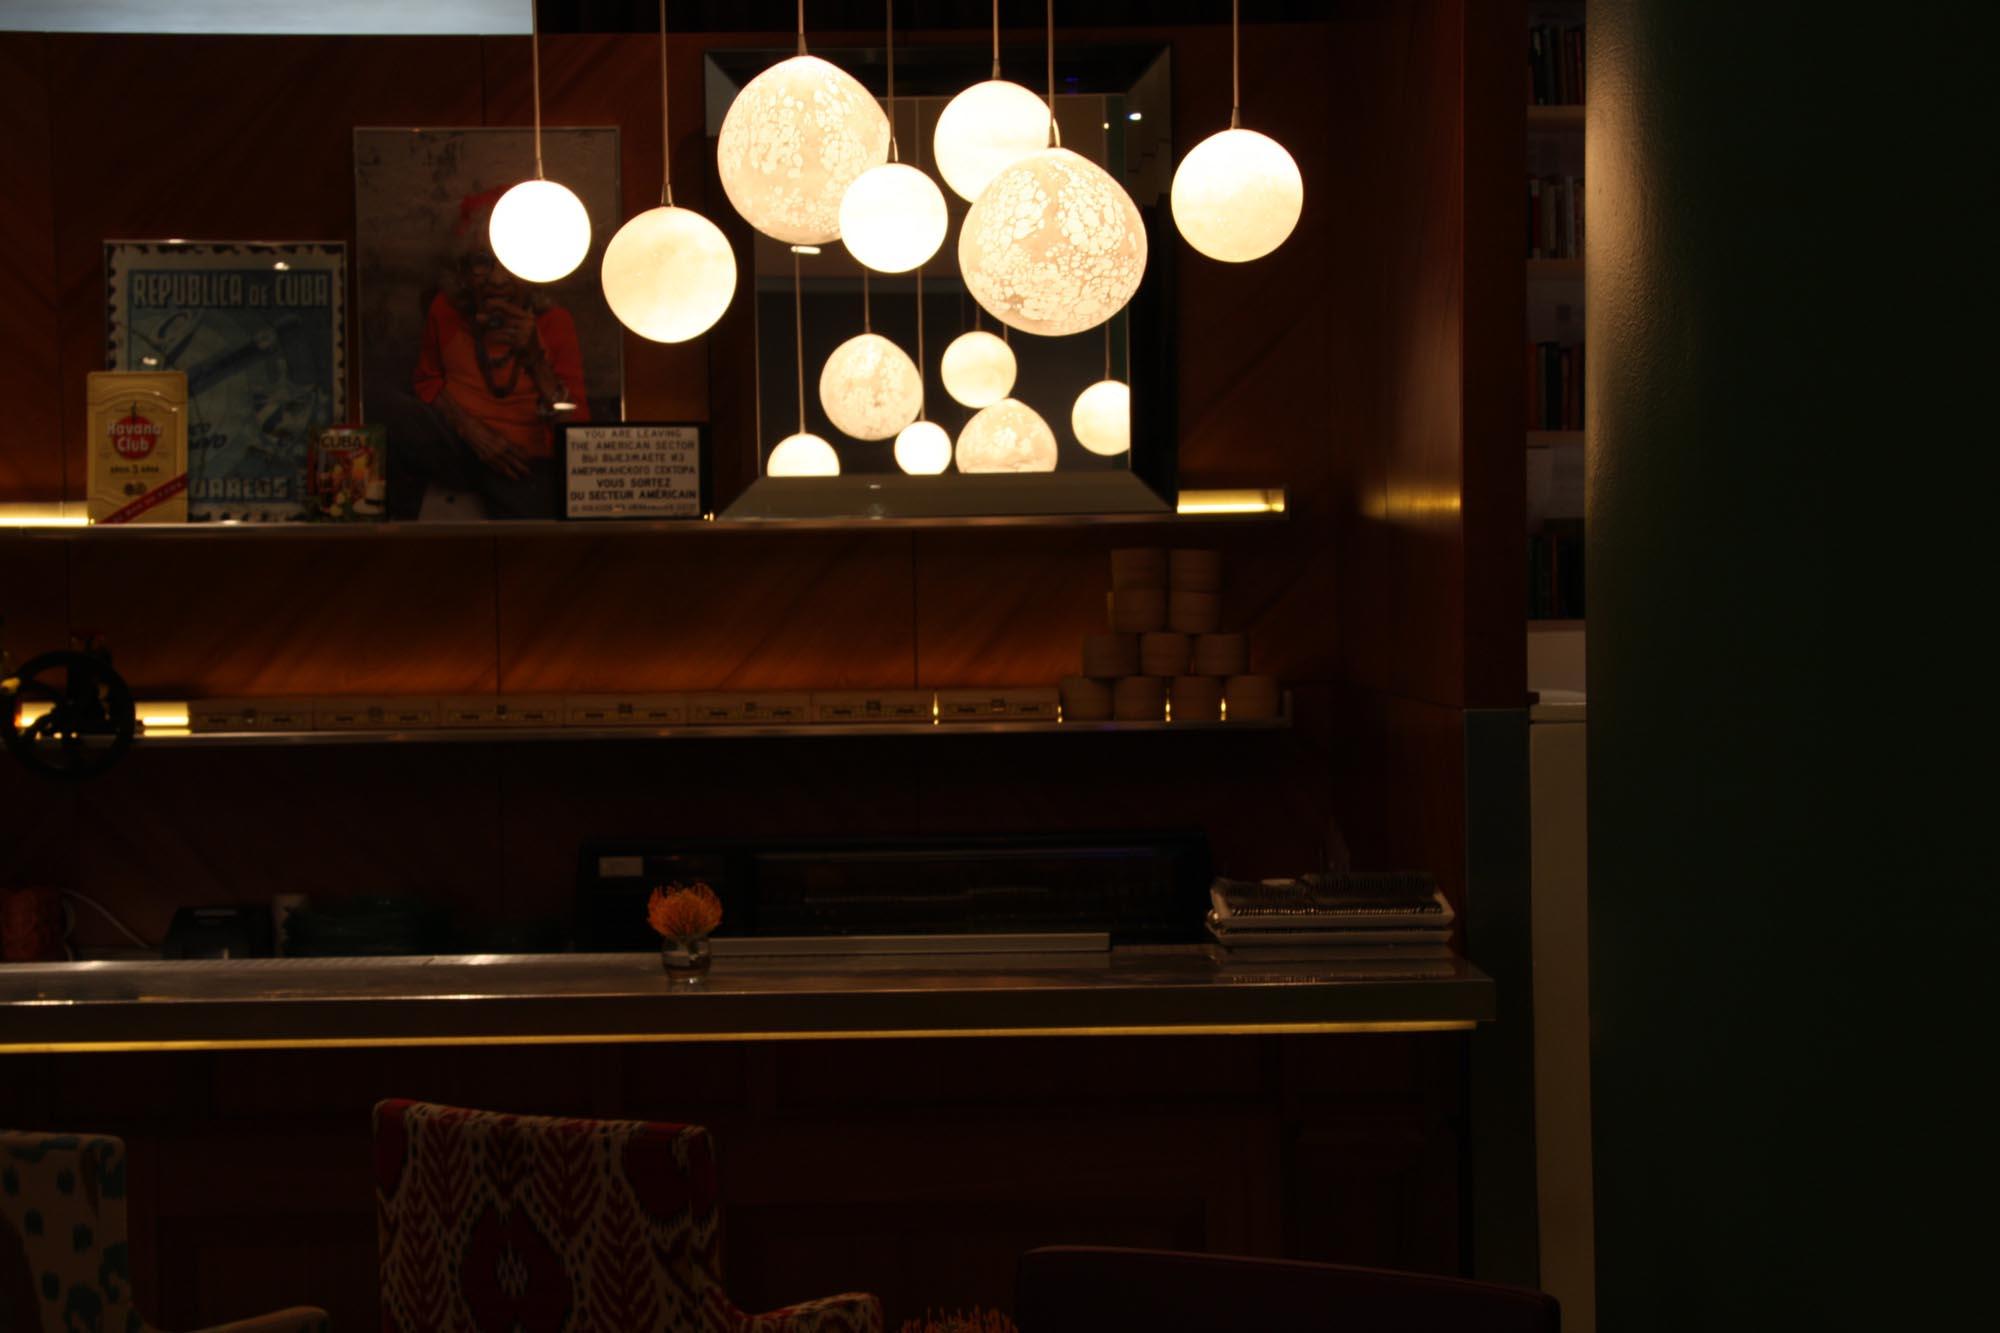 Suspensions Planètes, Stark & Bruno Borrione, diam. 14 à 25cm, St Martins Lane Hotel, Londres